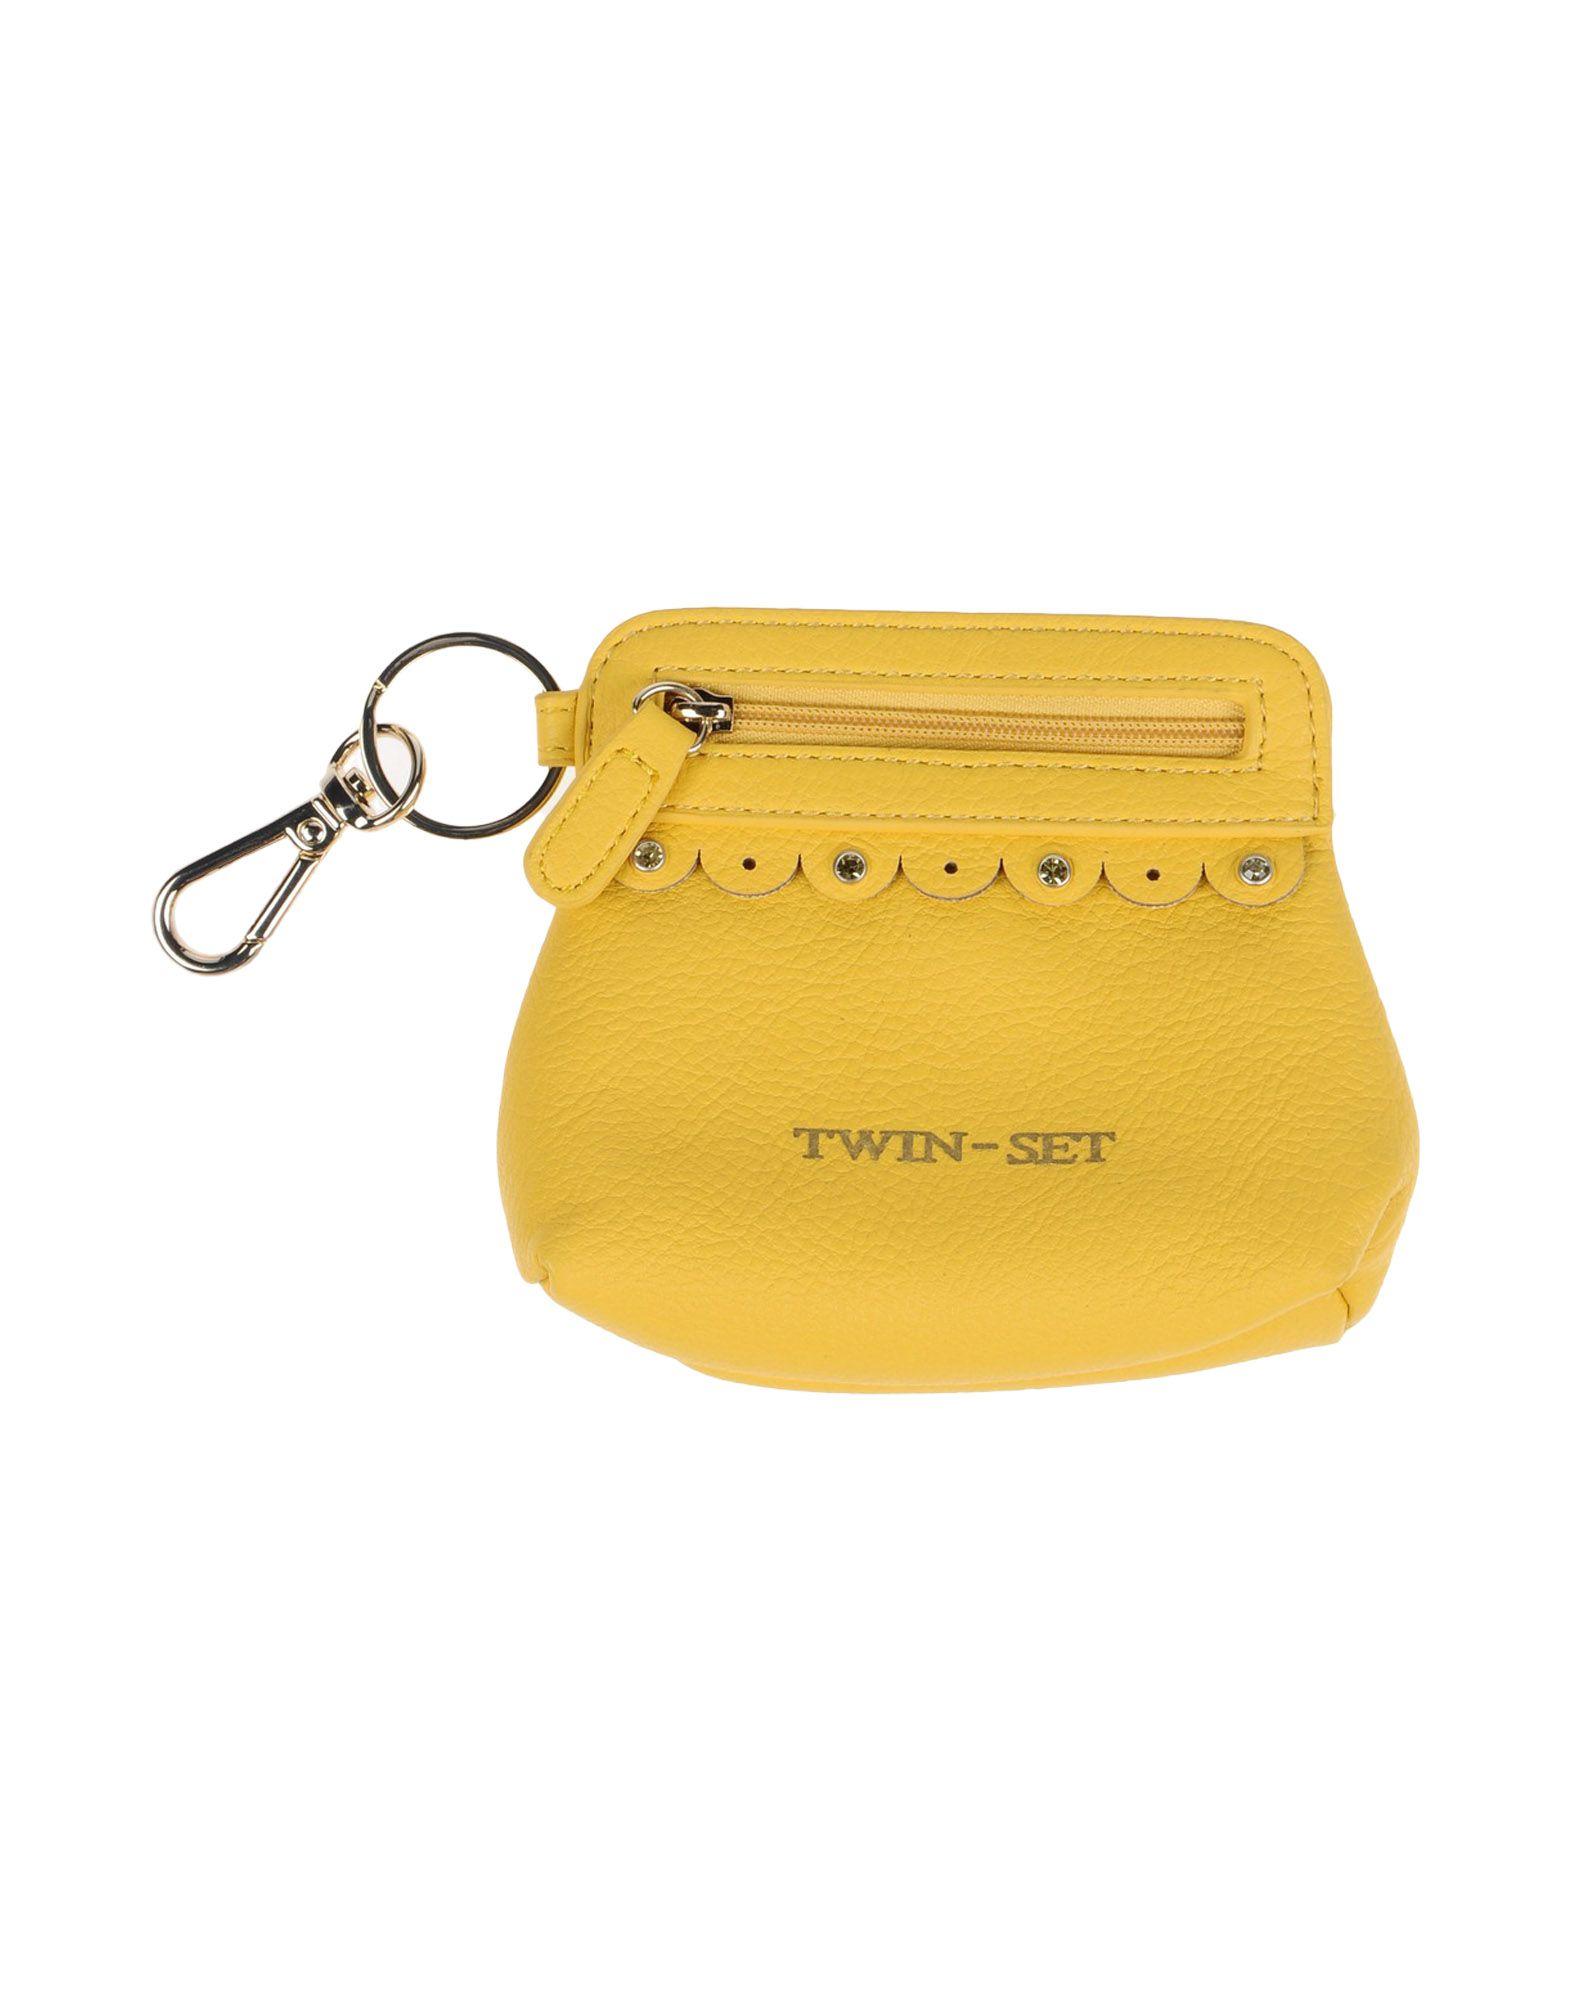 TWIN-SET Simona Barbieri Кошелек для монет pink dandelion design кожа pu откидной крышки кошелек для карты держатель для samsung j5prime